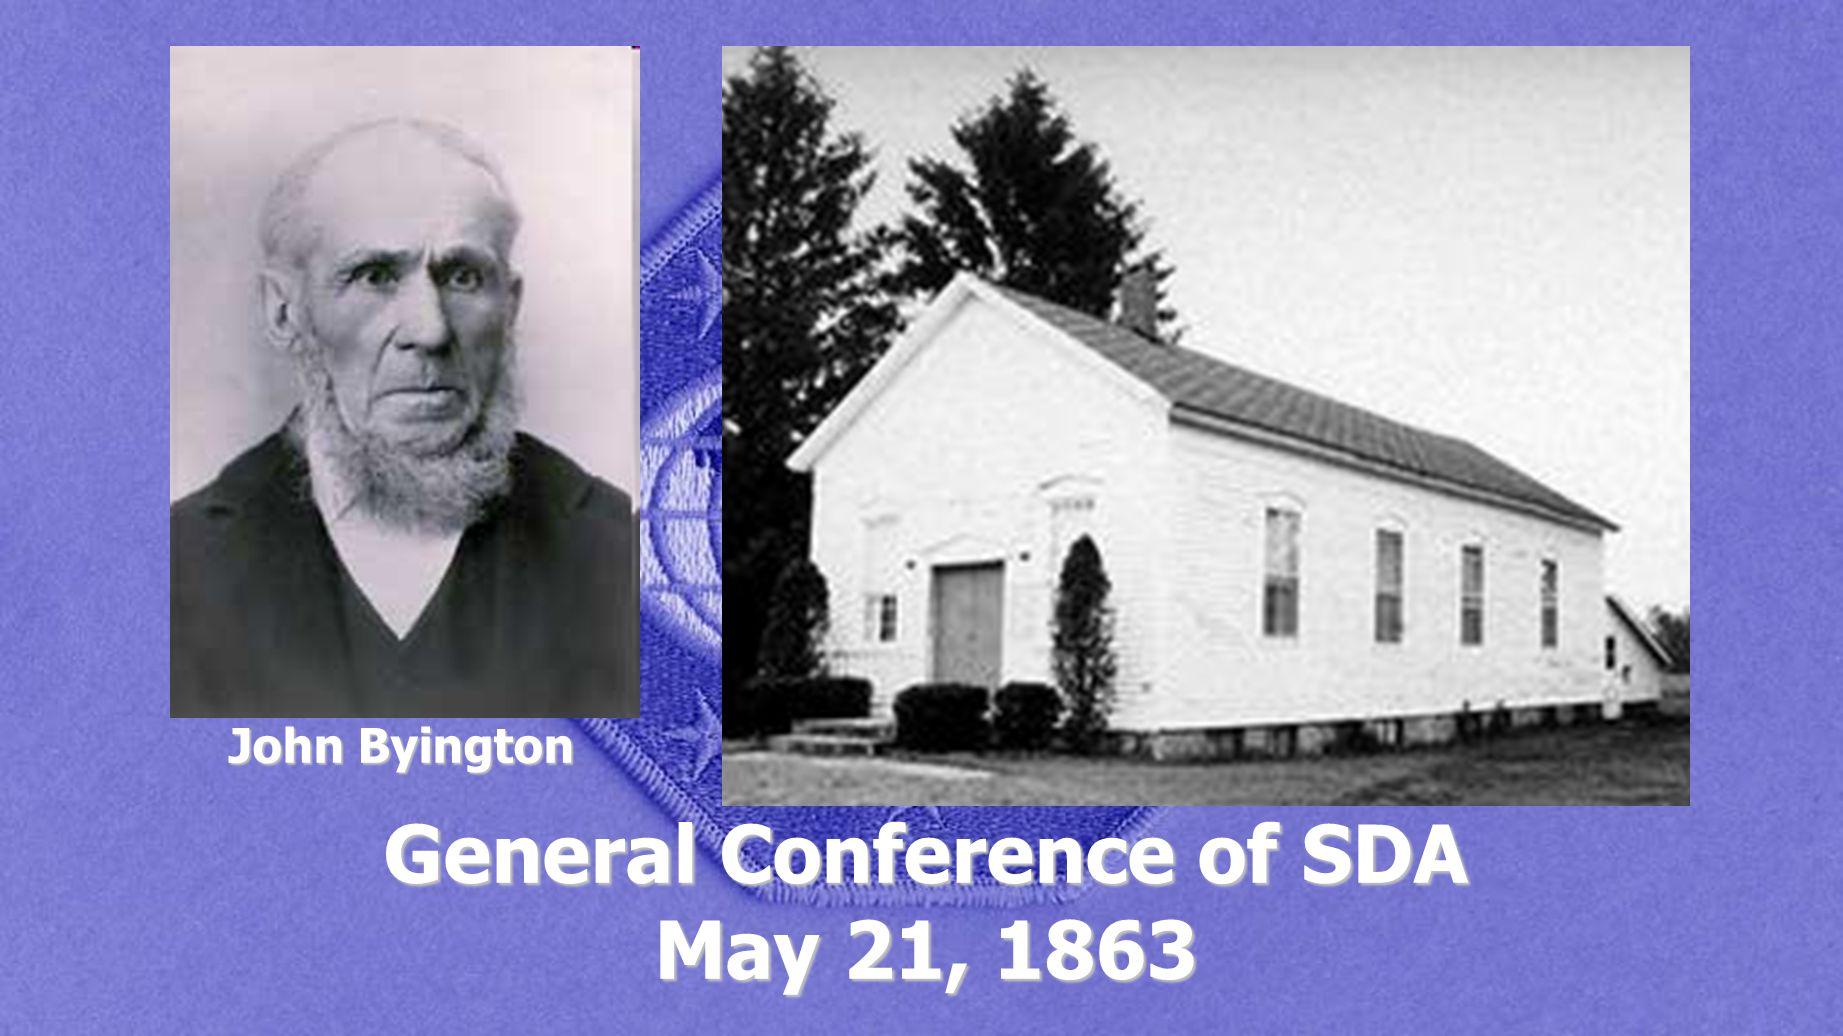 General Conference of SDA May 21, 1863 John Byington